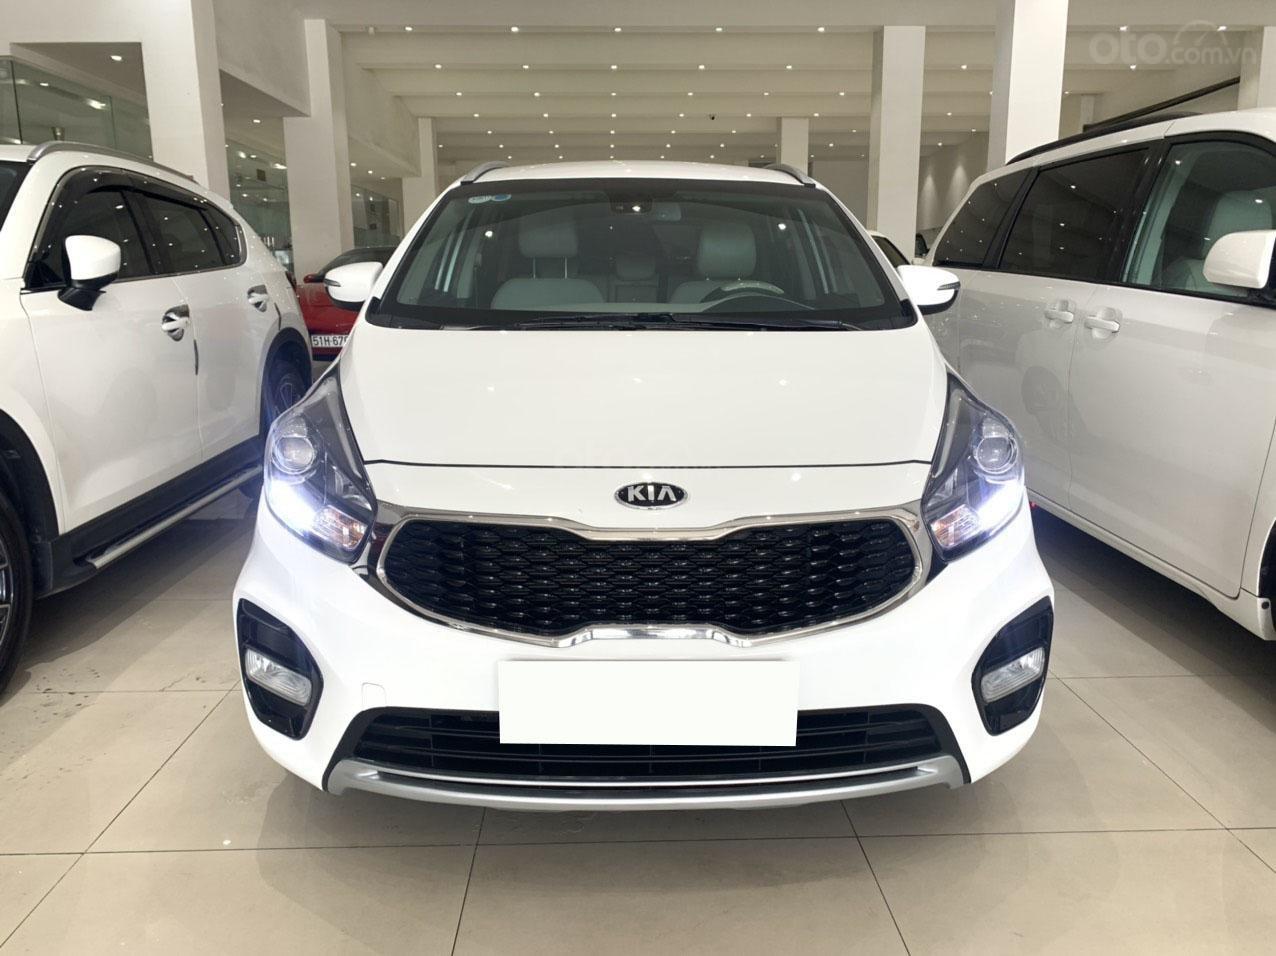 Bán xe Kia Rondo GAT 2.0 2018 cực đẹp (1)